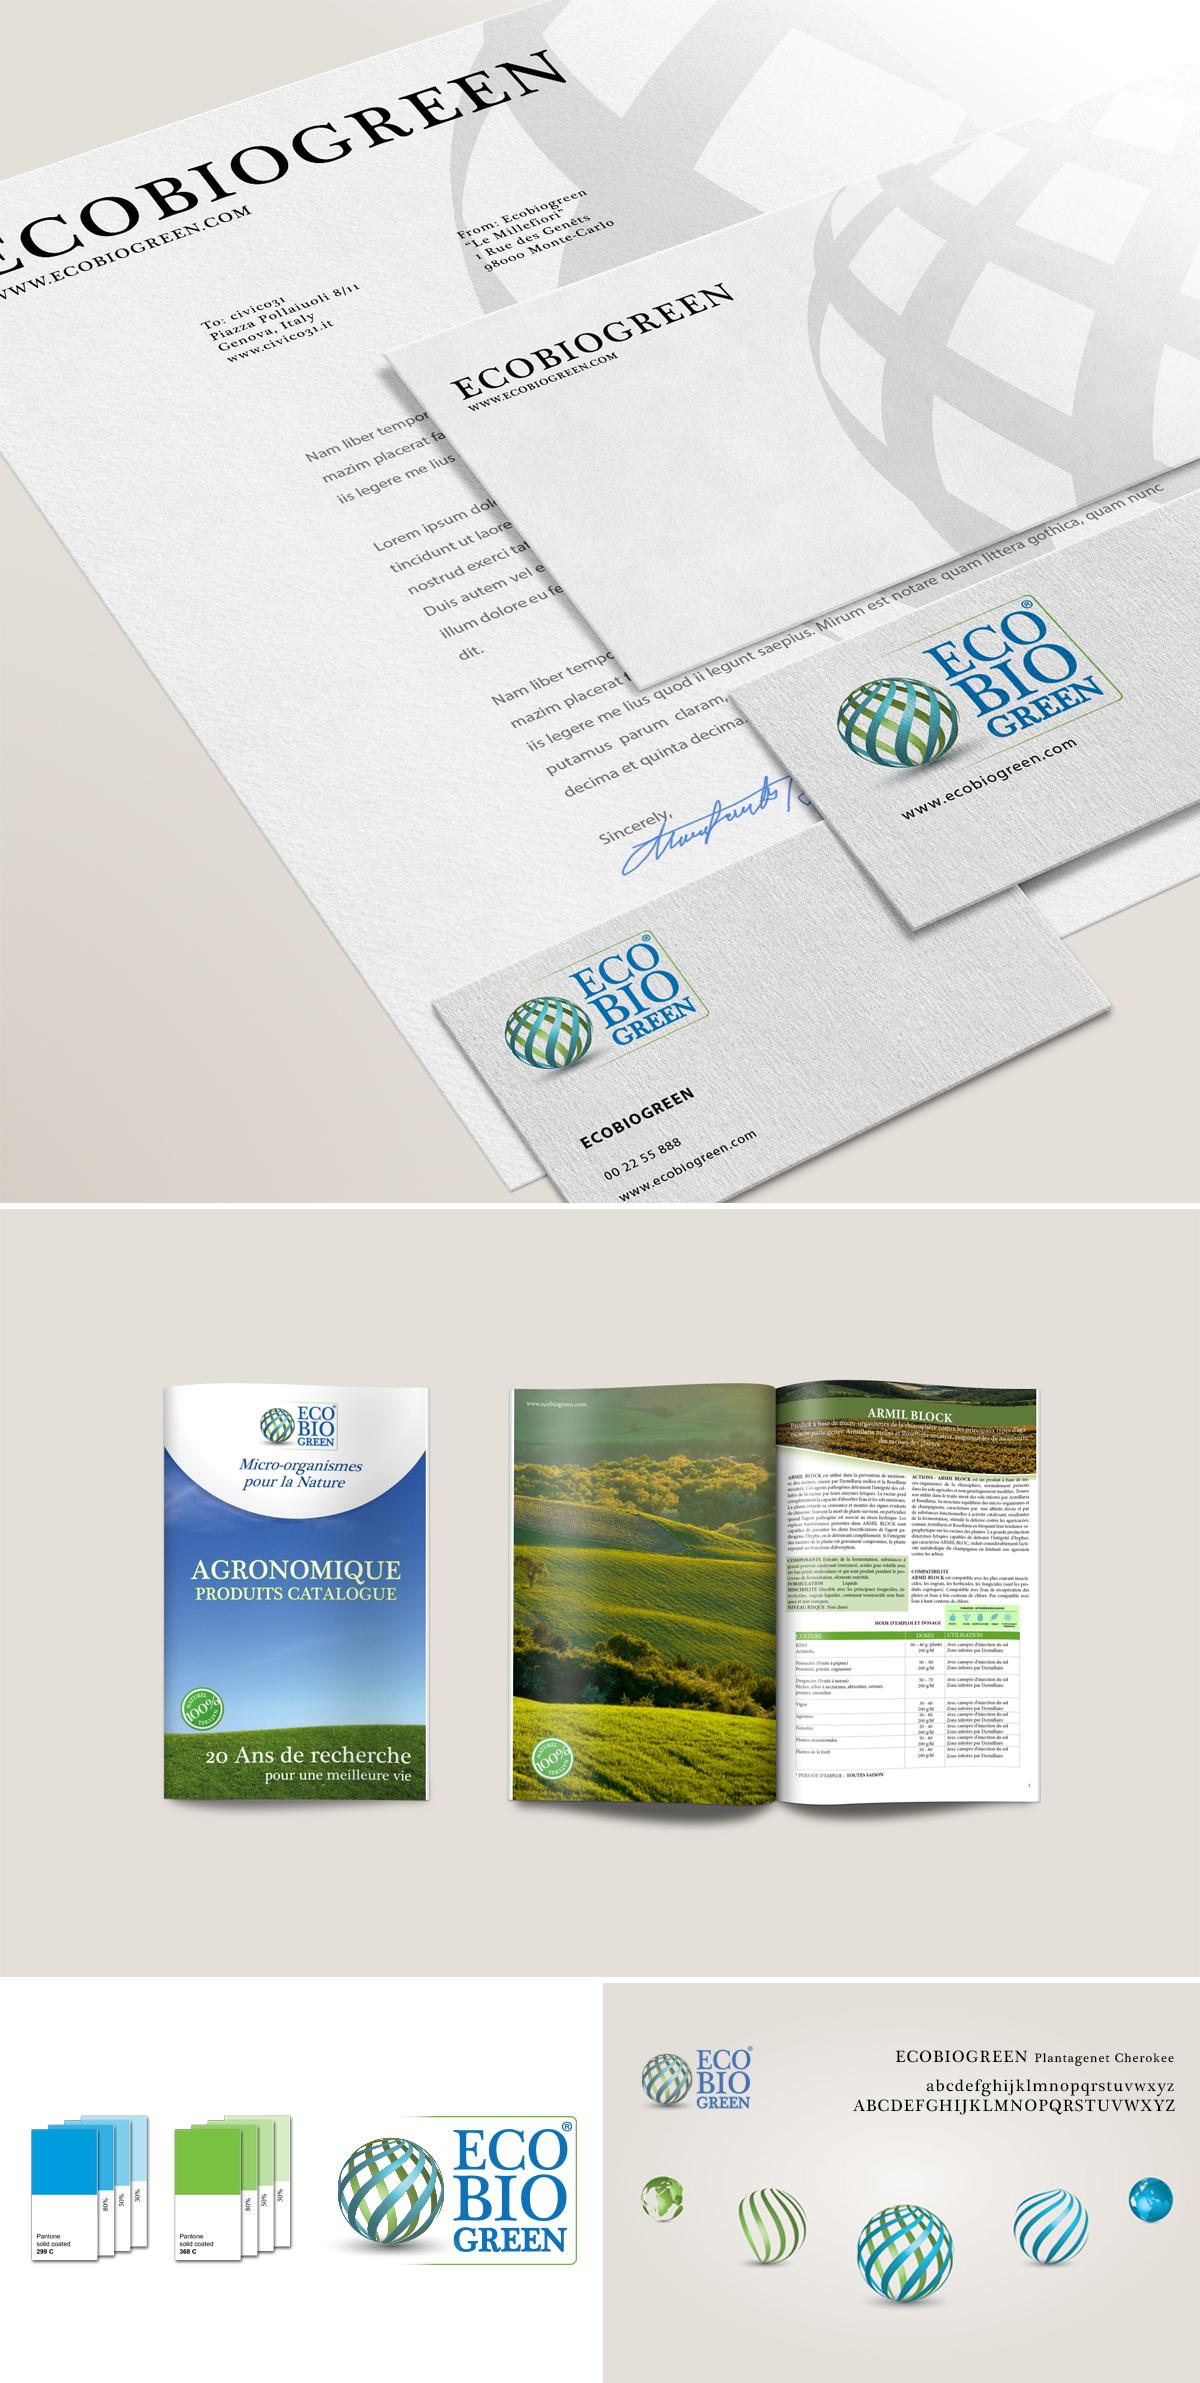 ecobiogreen-identity